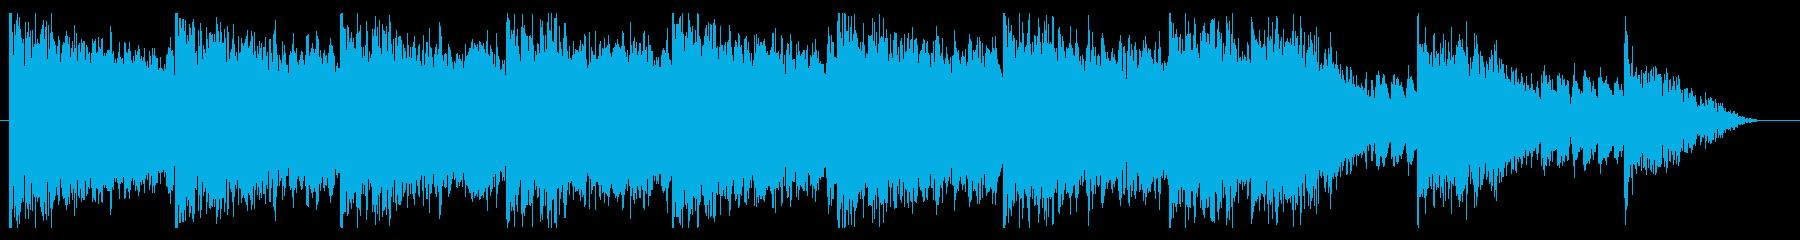 笛・箏・太鼓・オーケストラの和風バトルの再生済みの波形